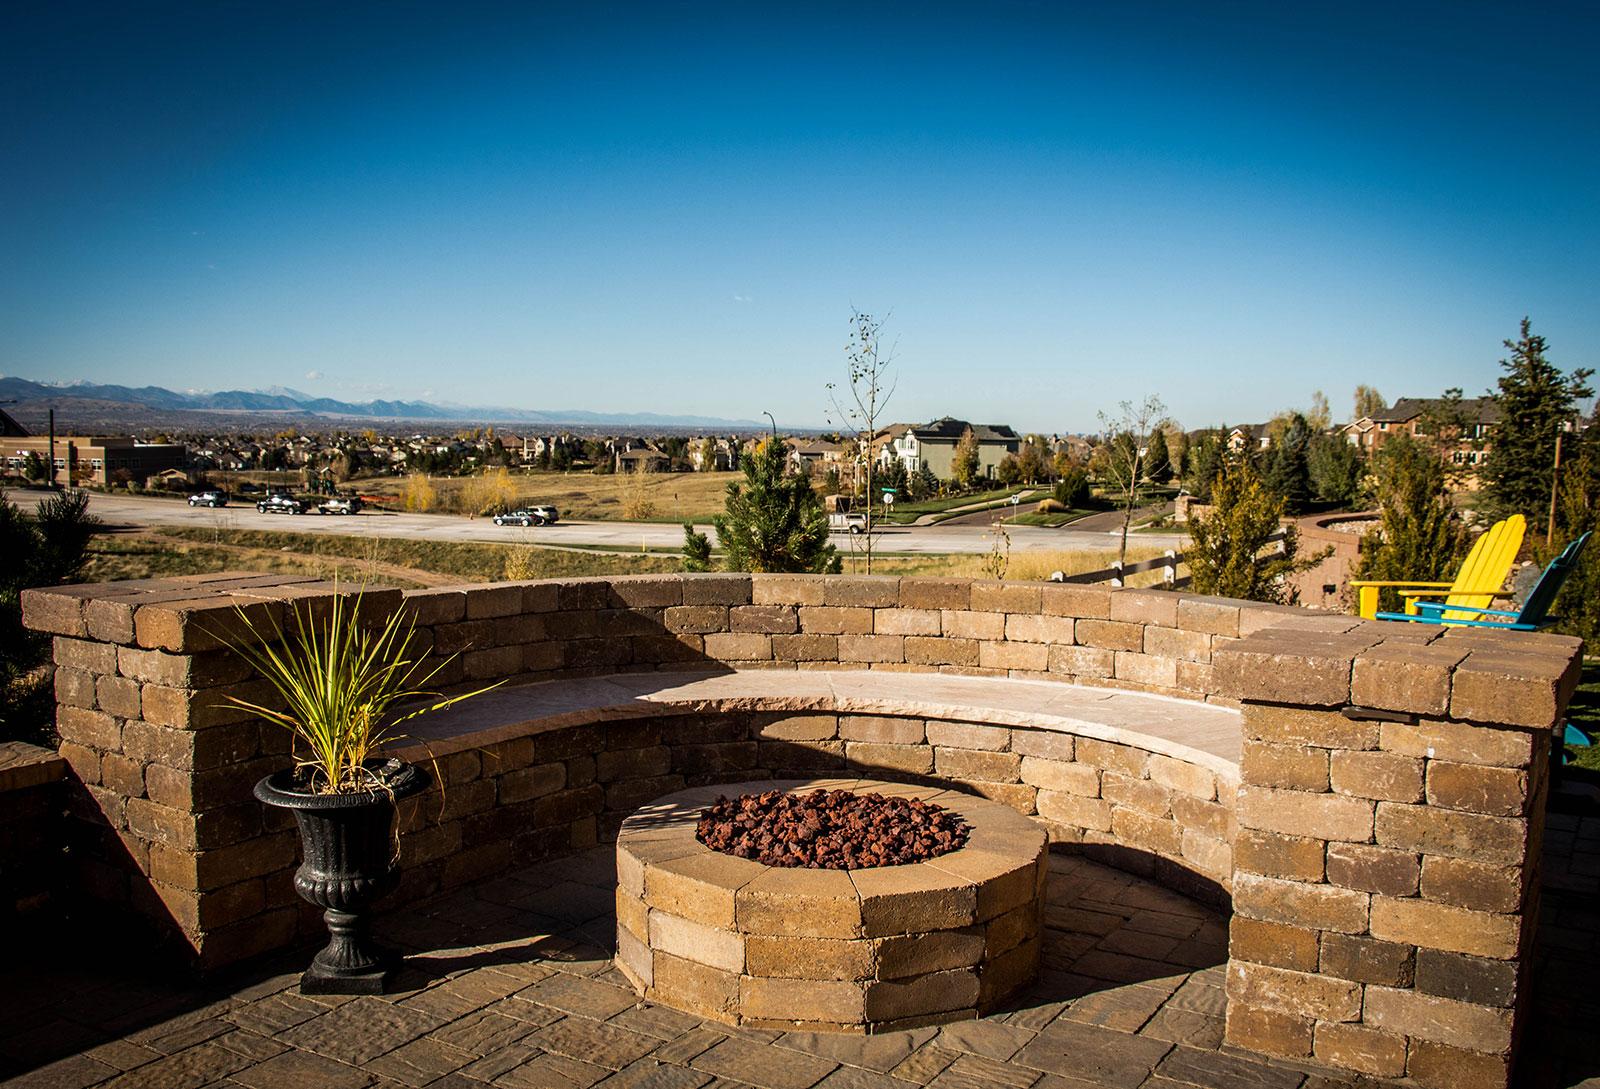 Fire Features Portfolio - Elite Landscape & Outdoor Living ... on Elite Landscape And Outdoor Living id=60210